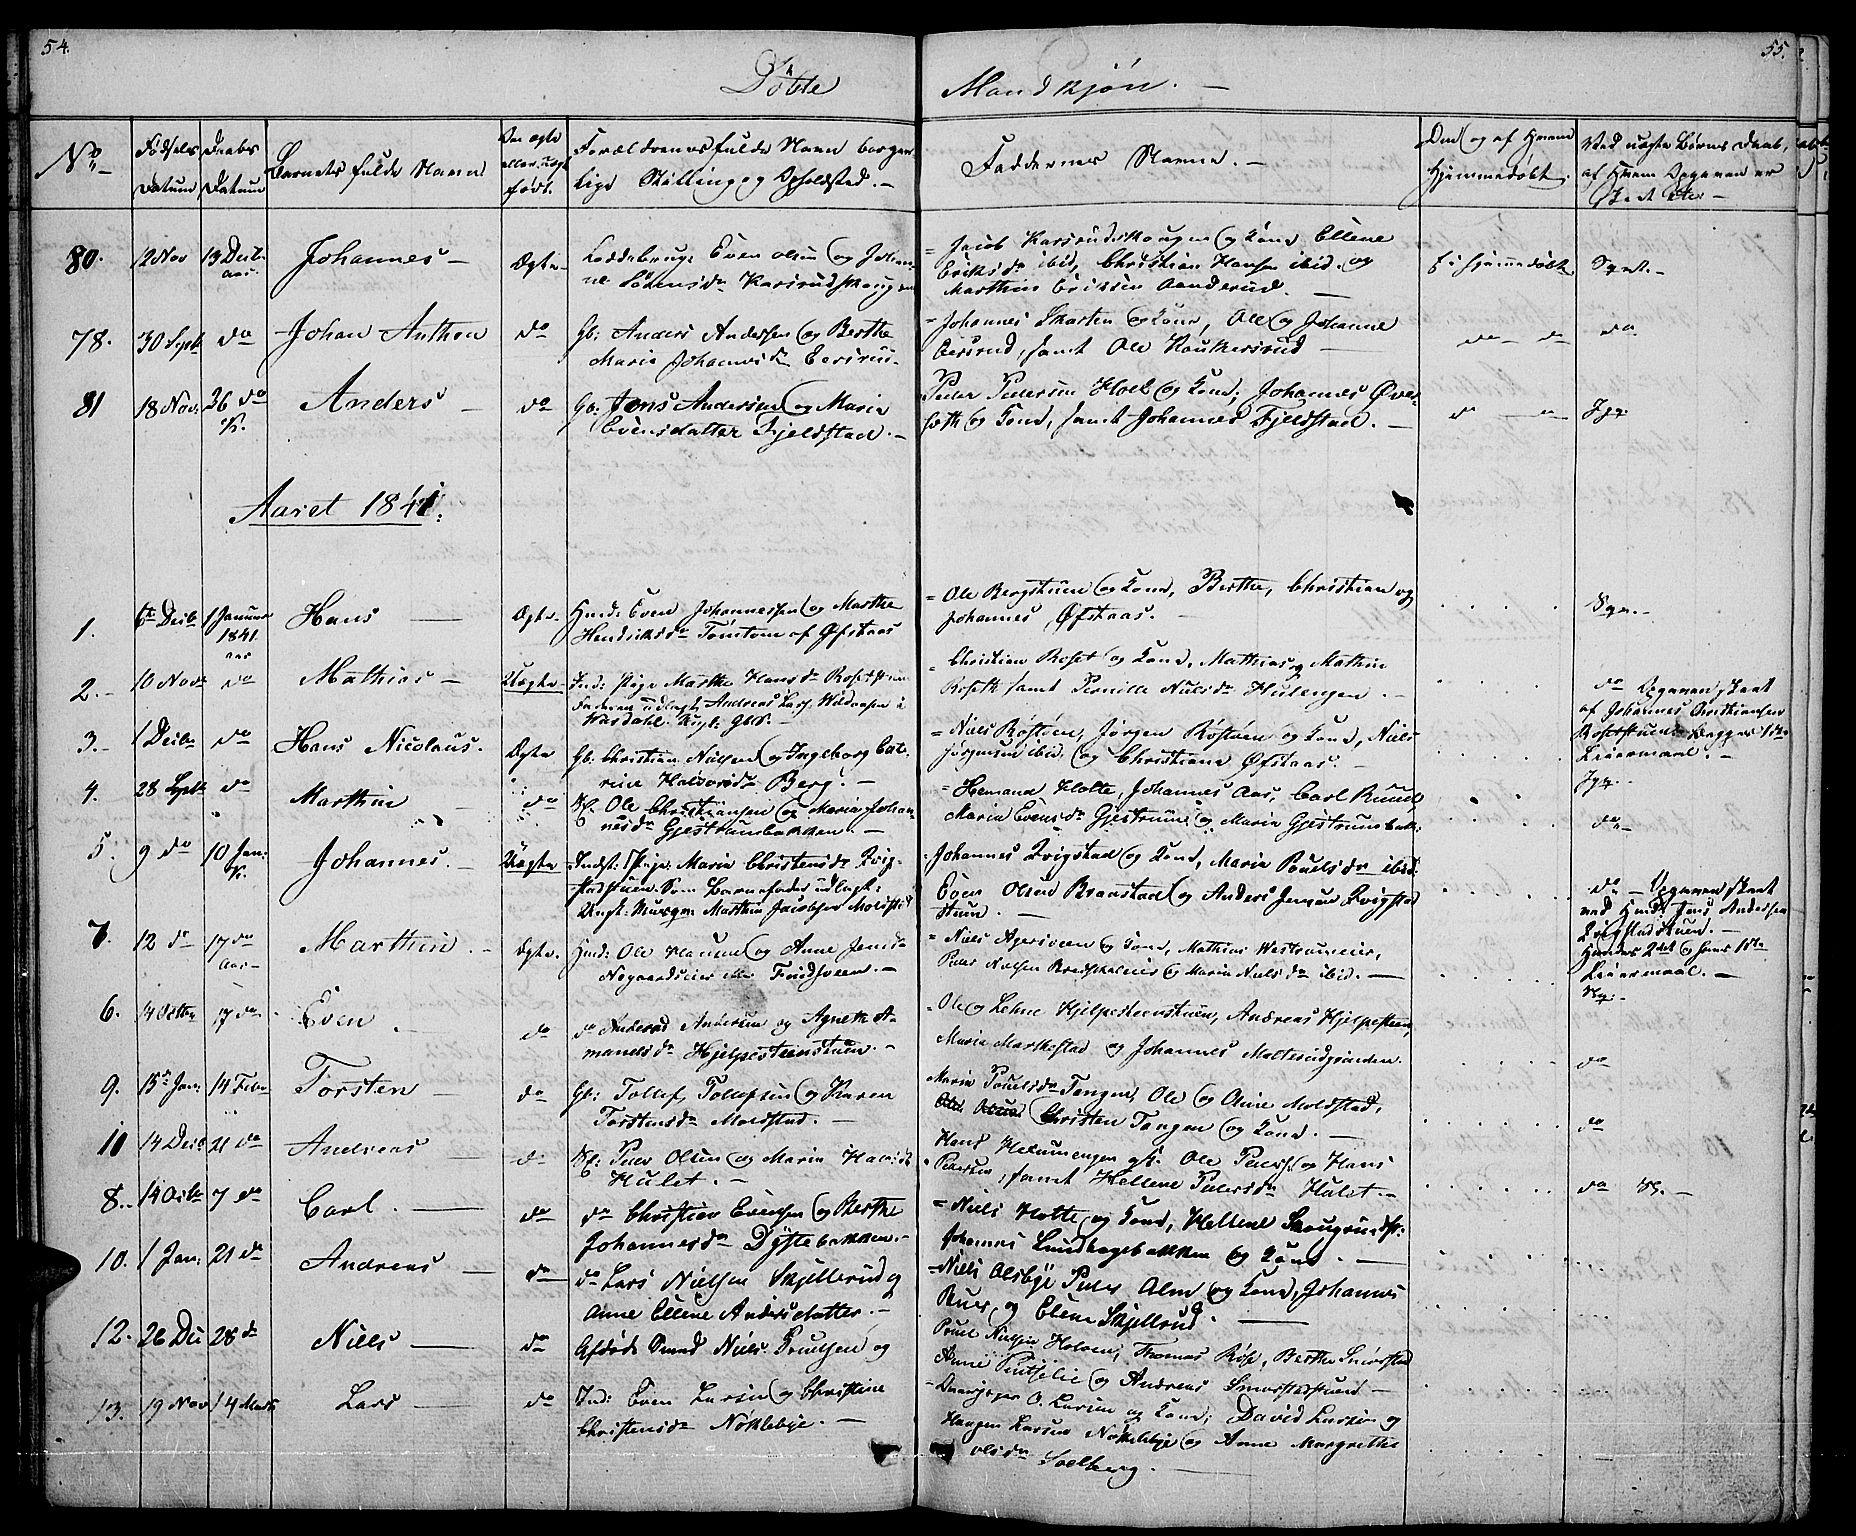 SAH, Vestre Toten prestekontor, Klokkerbok nr. 2, 1836-1848, s. 54-55